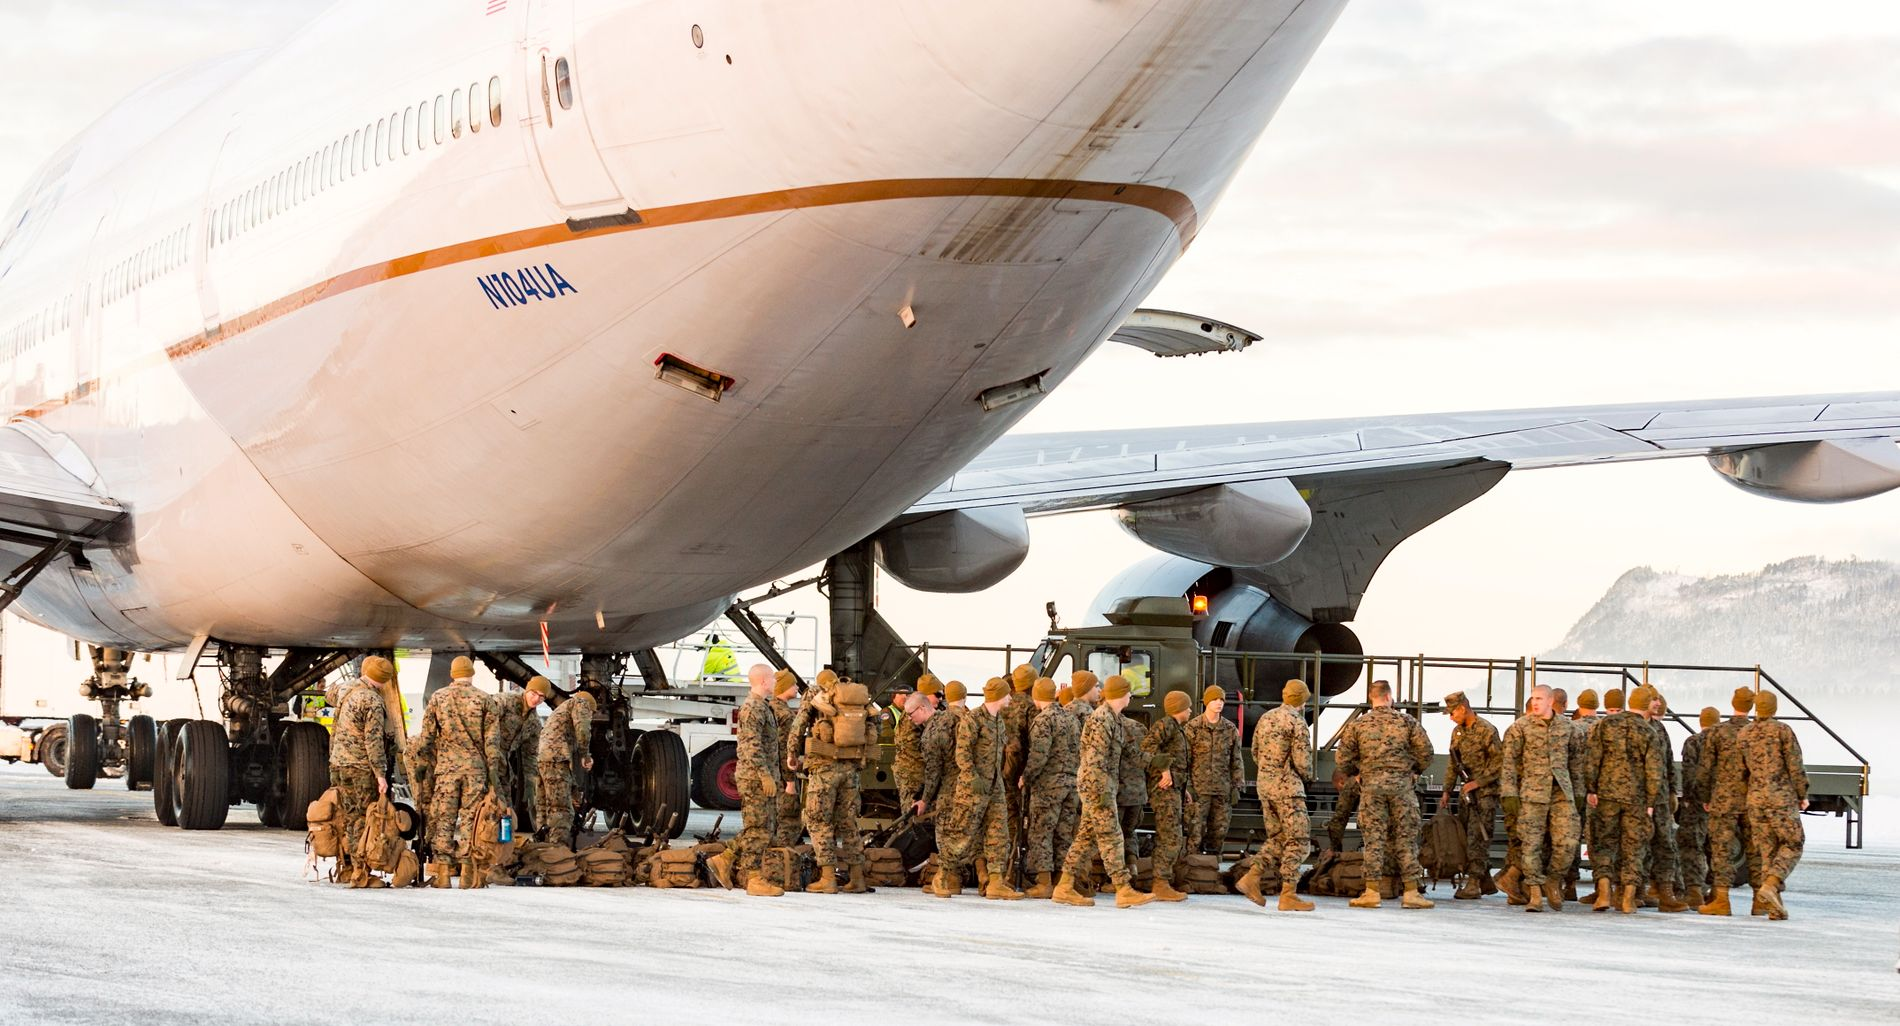 PÅ VÆRNES: i januar 2017 kom de første om lag 300 soldatene fra US Marine Corps til Norge for roterende trening. Marinestyrken ønsker nå å doble sitt nærvær i Norge.